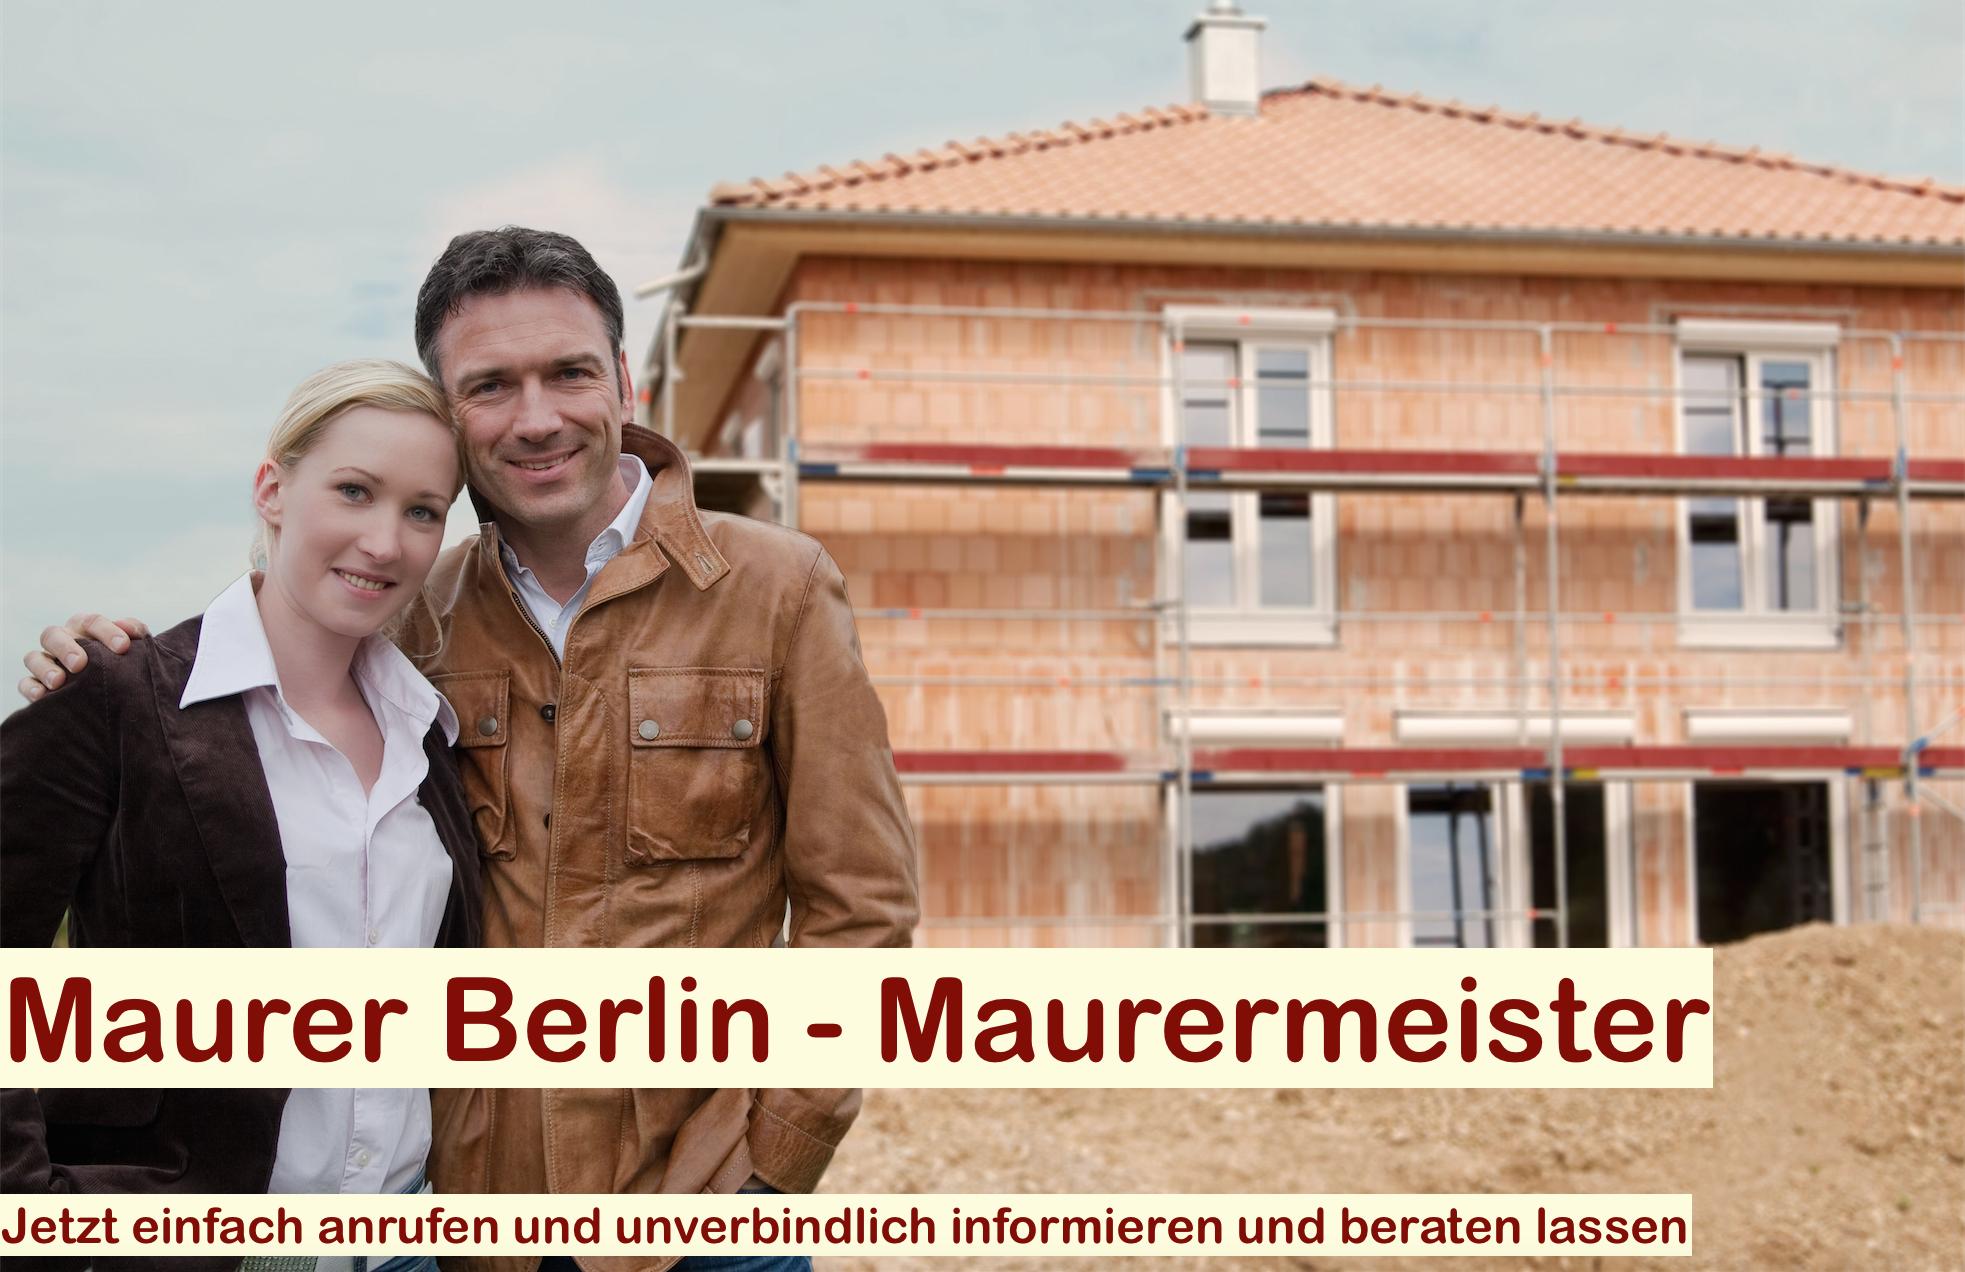 Haus bauen Berlin Brandenburg Maurer Maurermeister size: 1965 x 1272 post ID: 5 File size: 0 B